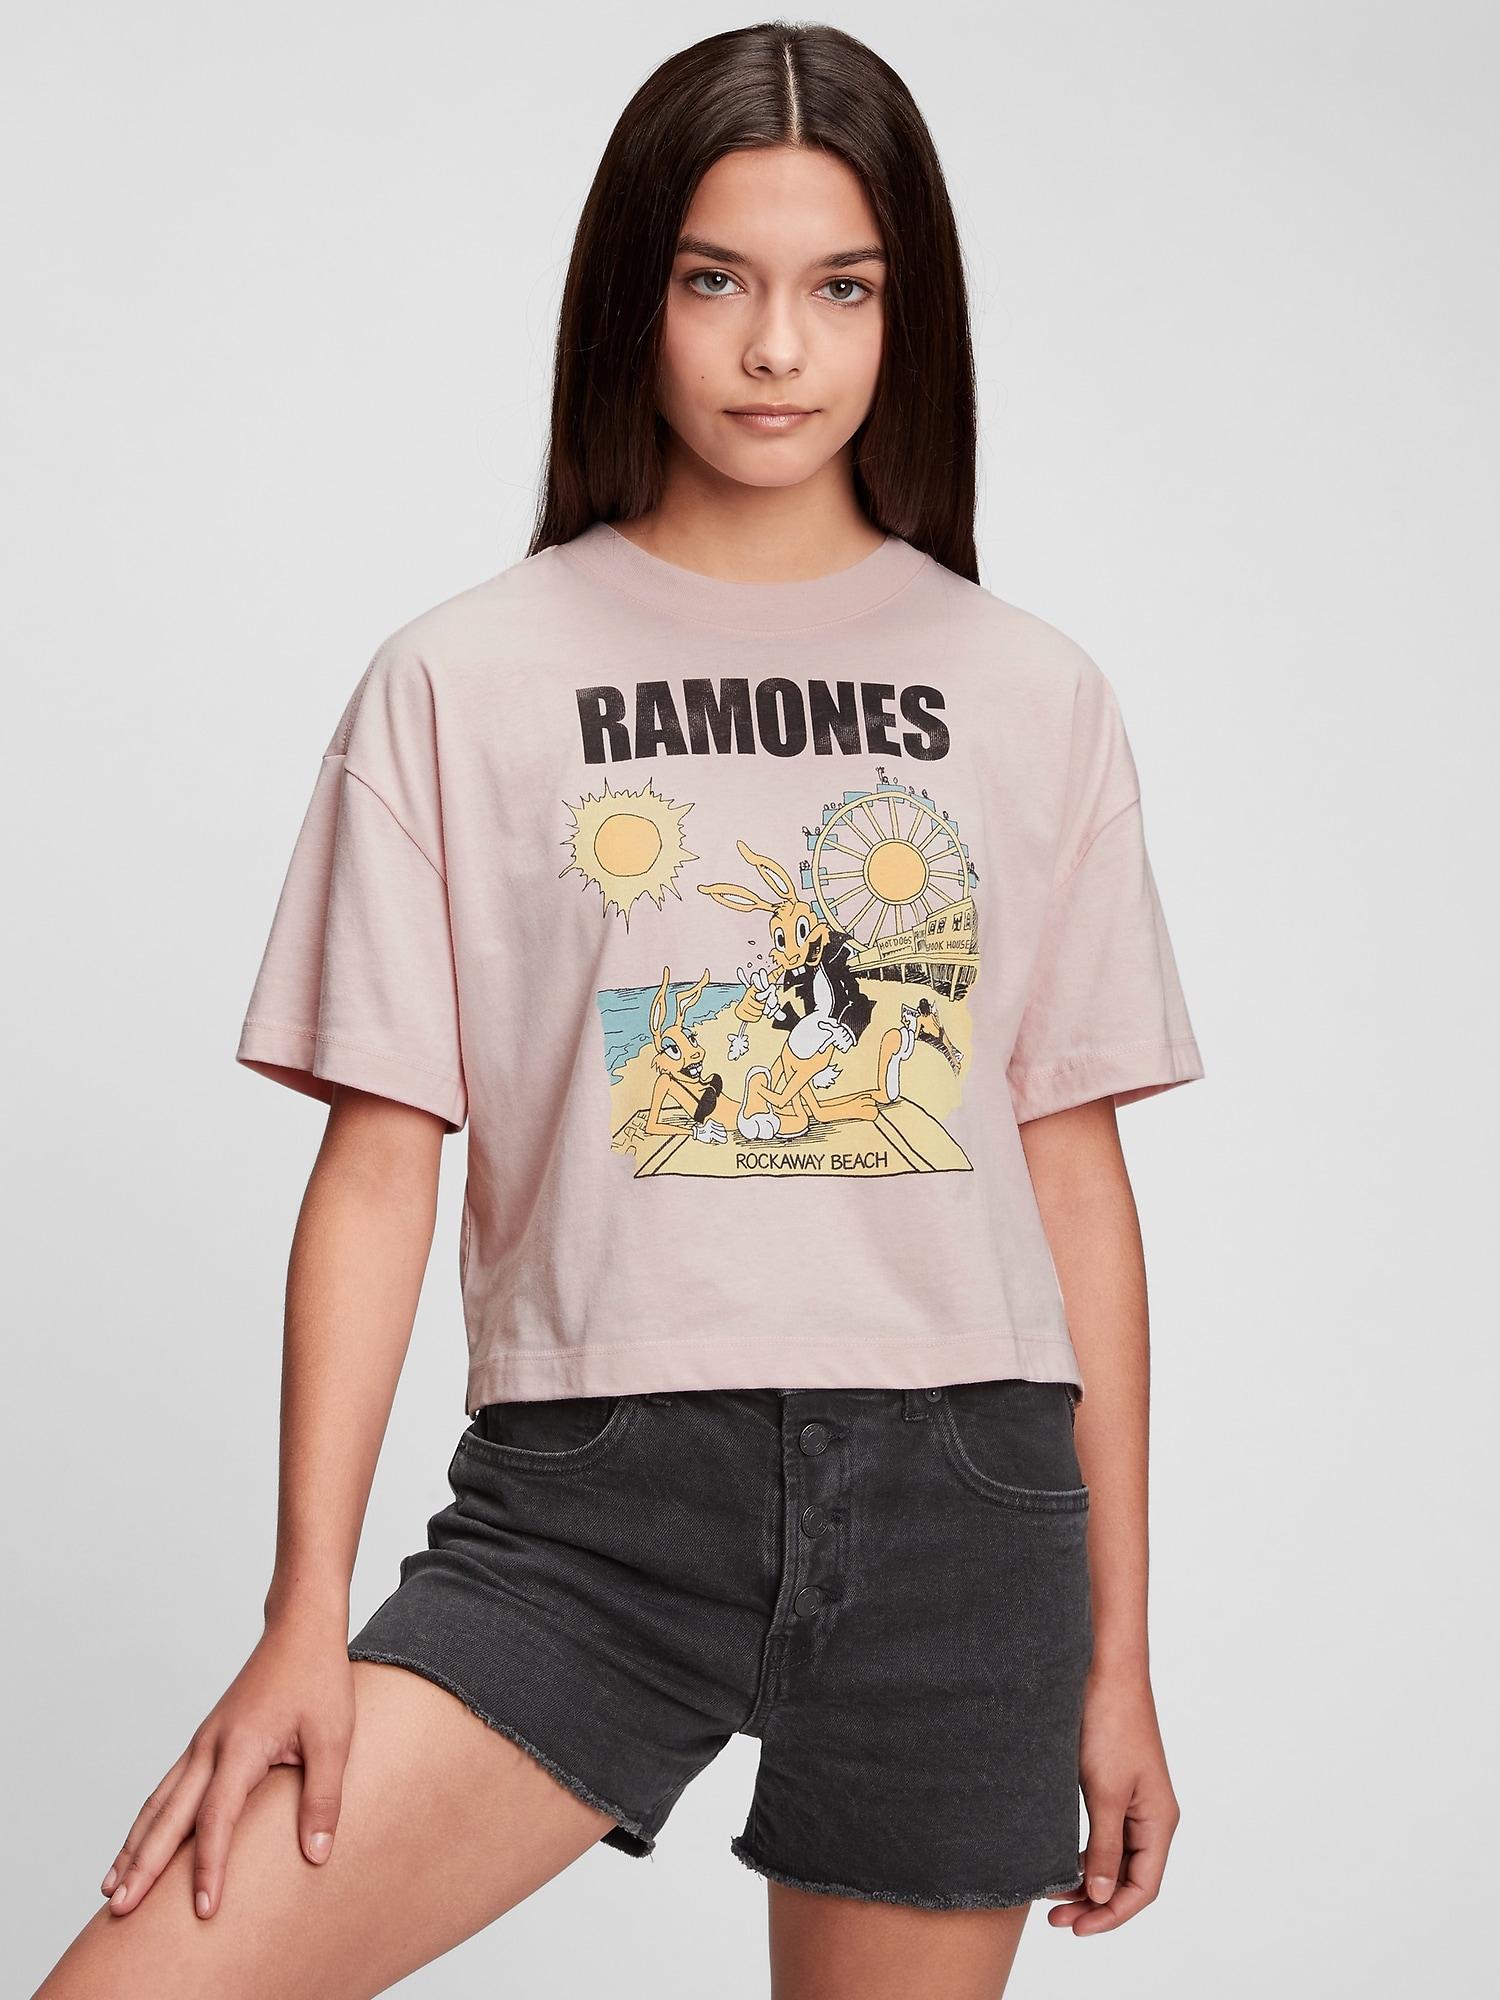 バンドグラフィック ボクシーtシャツ (ギャップティーン)